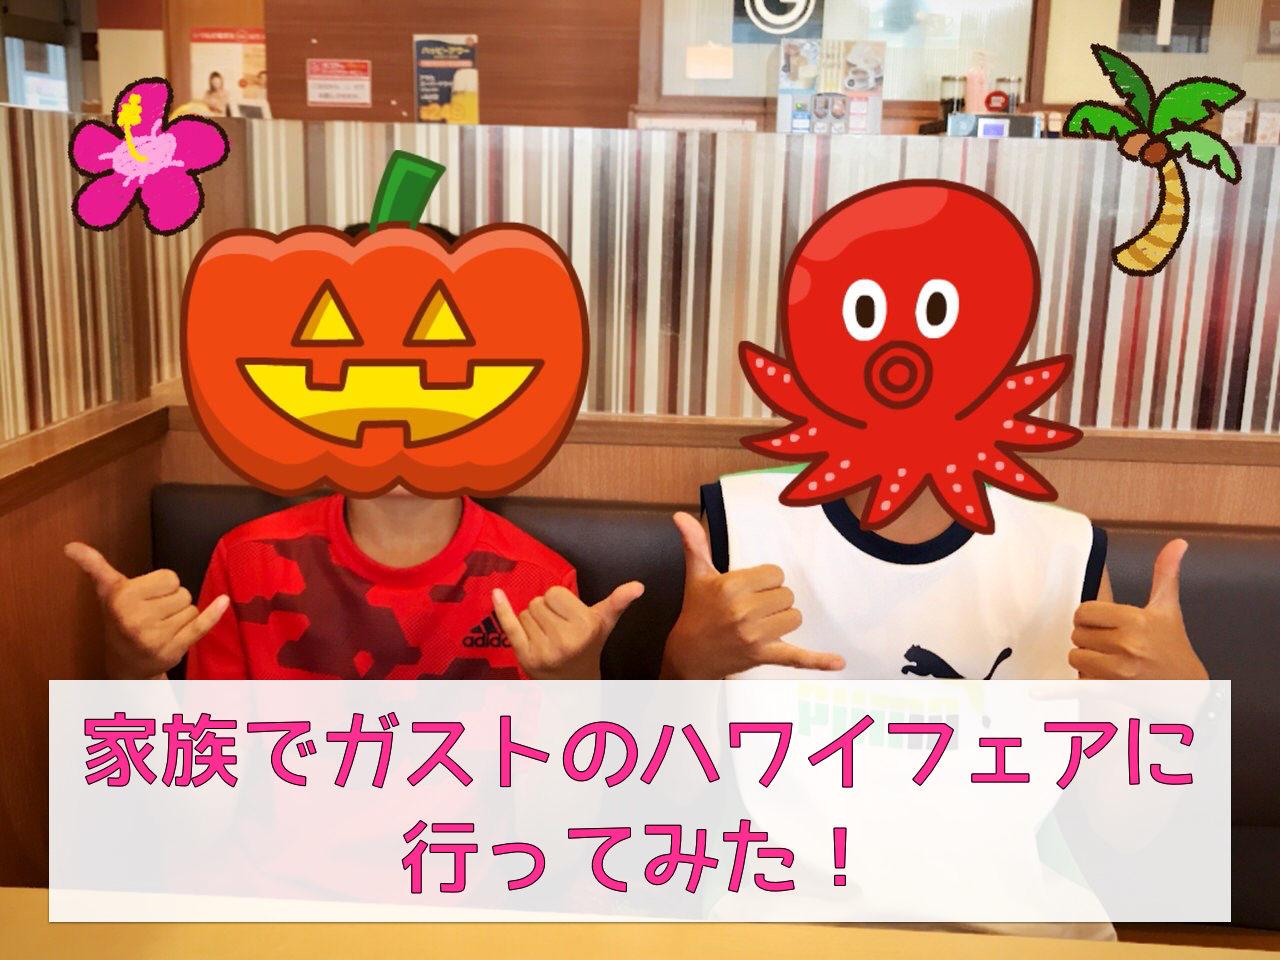 【PR】家族でガストのハワイフェアへ→次男がモリモリ食べた!